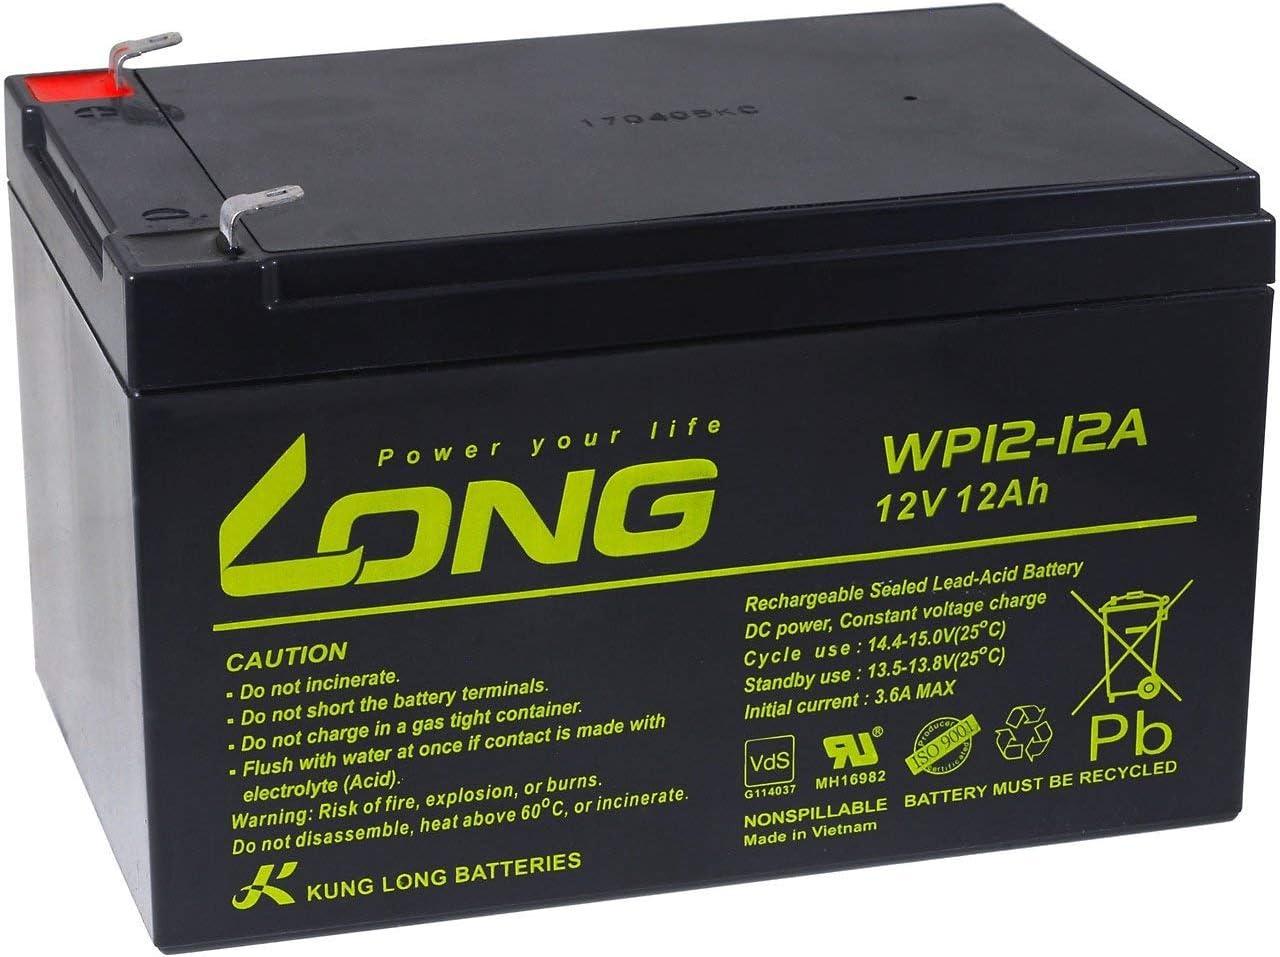 Powery KungLong Batería de Reemplazo para Sillas de Ruedas Scooter Eléctrico Vehículos Eléctricos 12V 12Ah